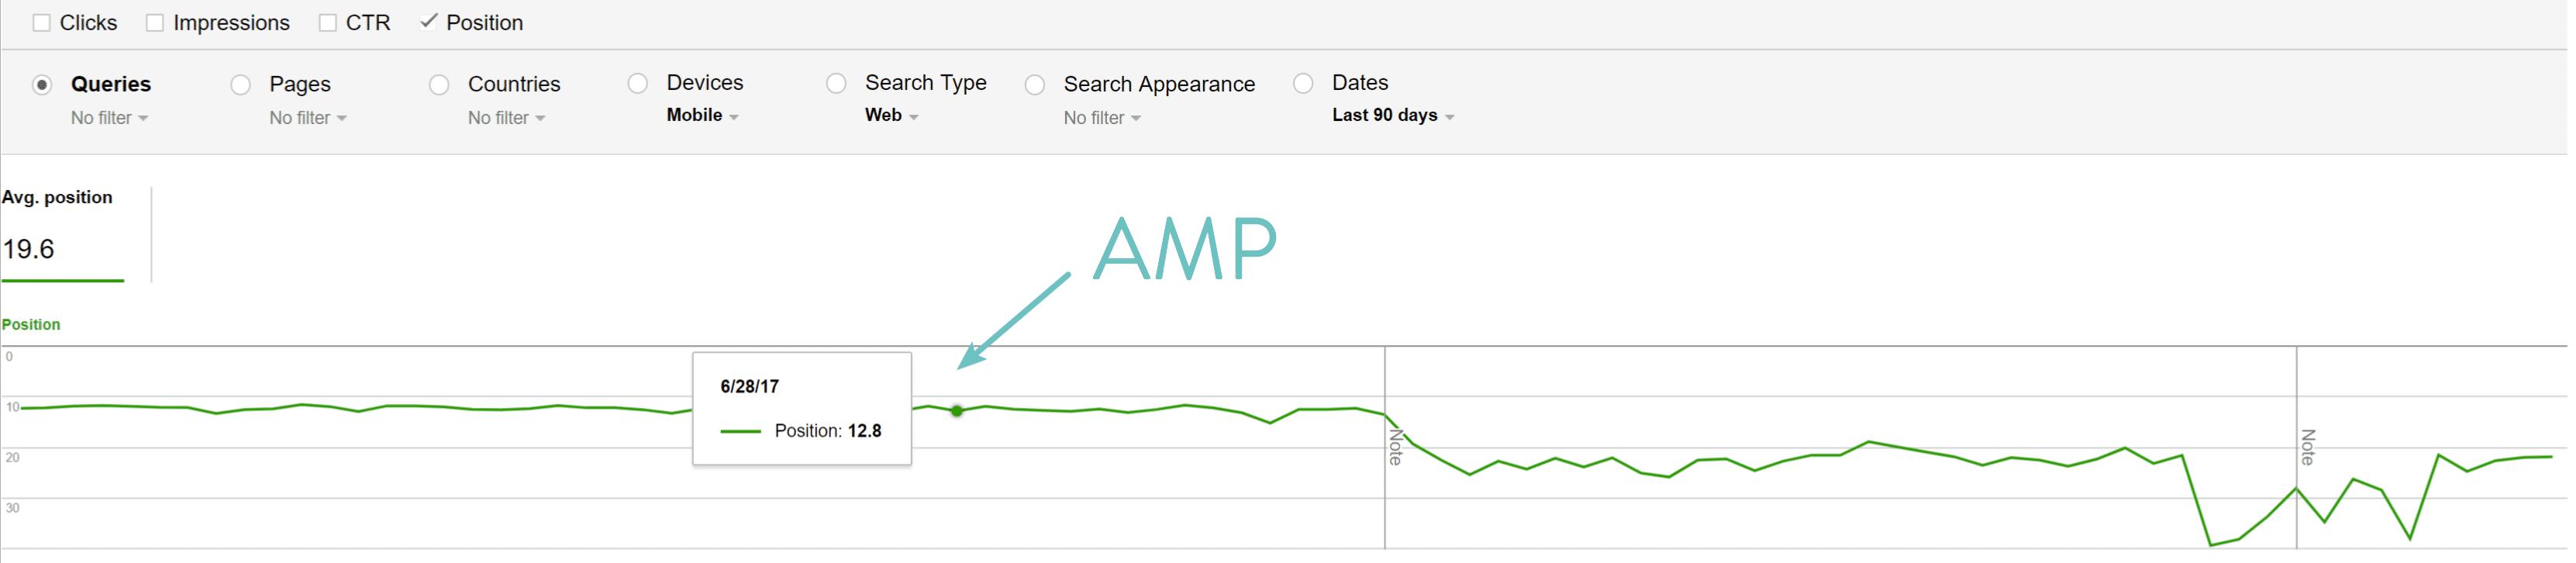 Datos de las posiciones de Google AMP